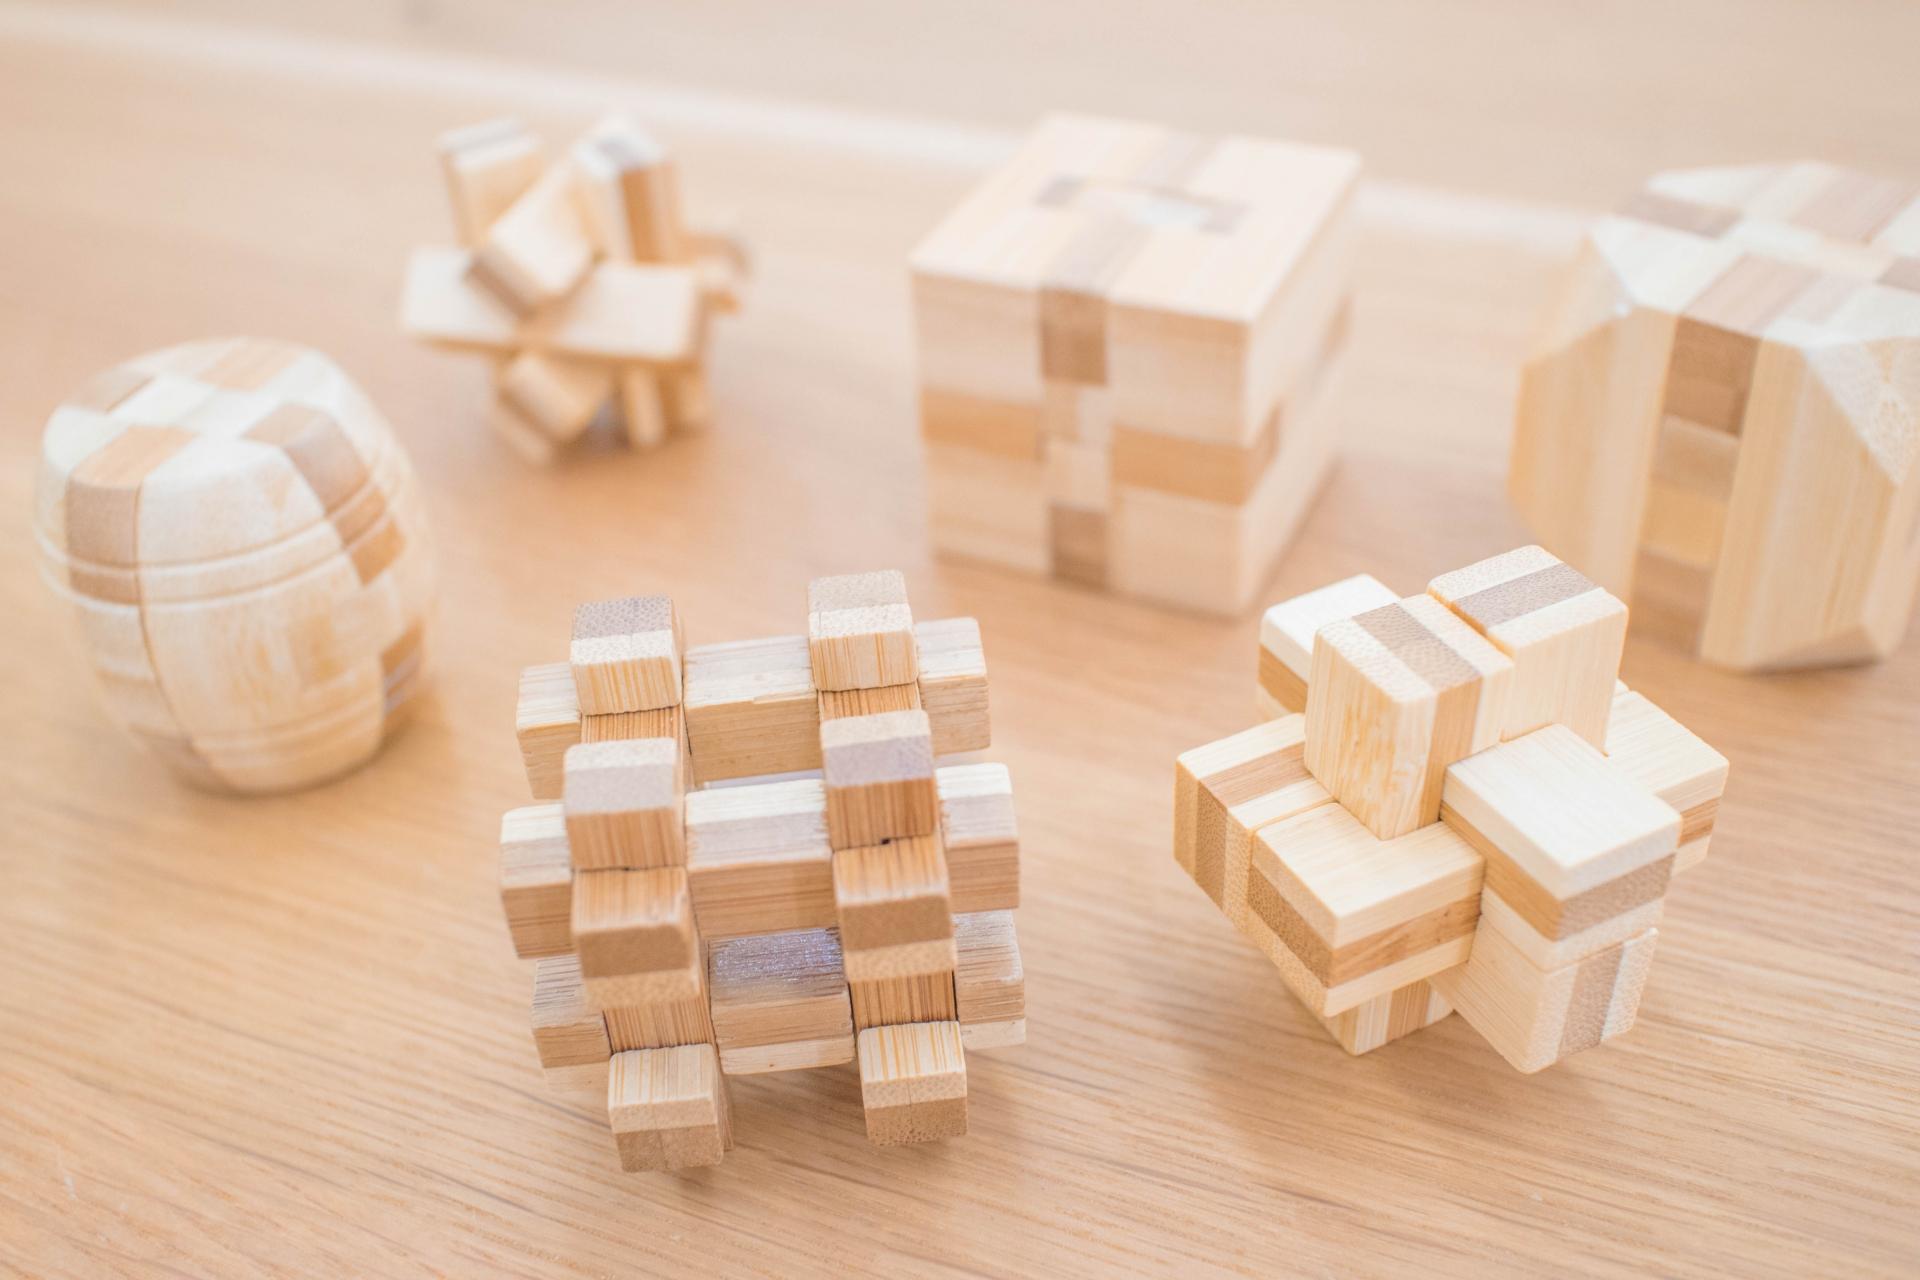 パズルおもちゃのイメージ画像、木のパズルおもちゃ